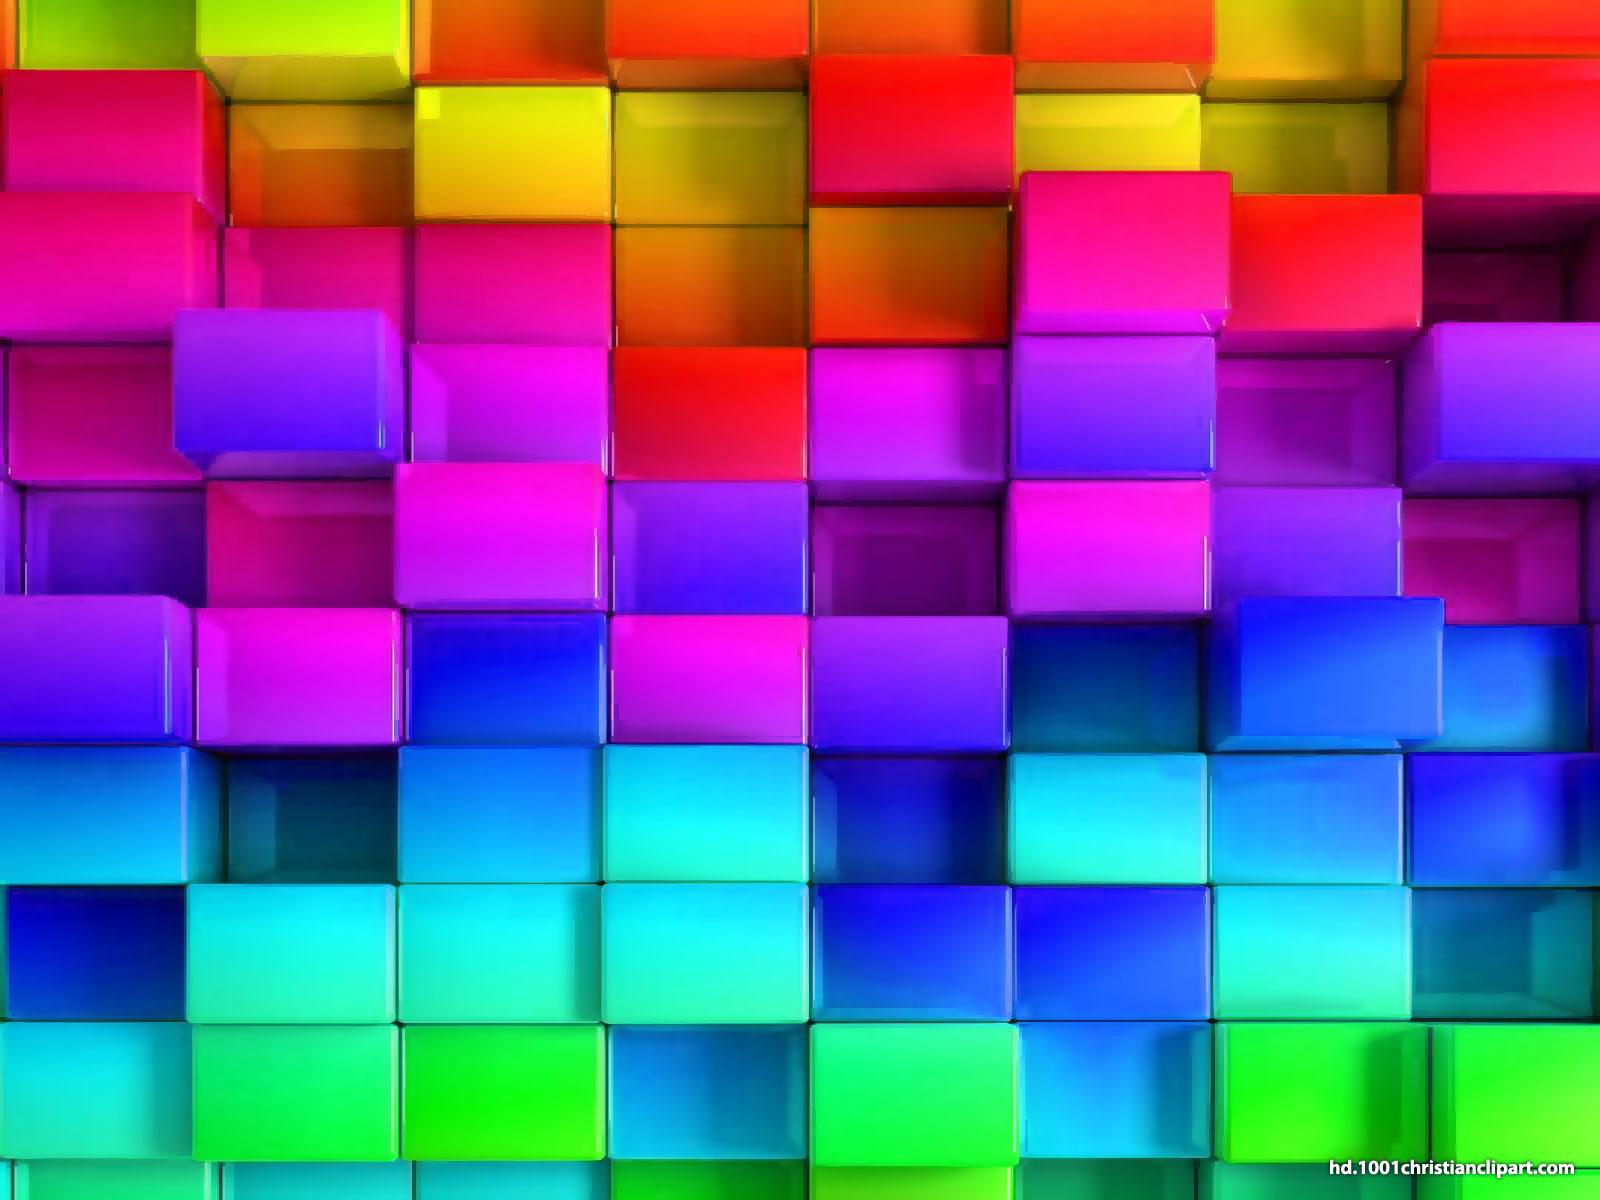 Hình nền Powerpoint 3D đa sắc màu